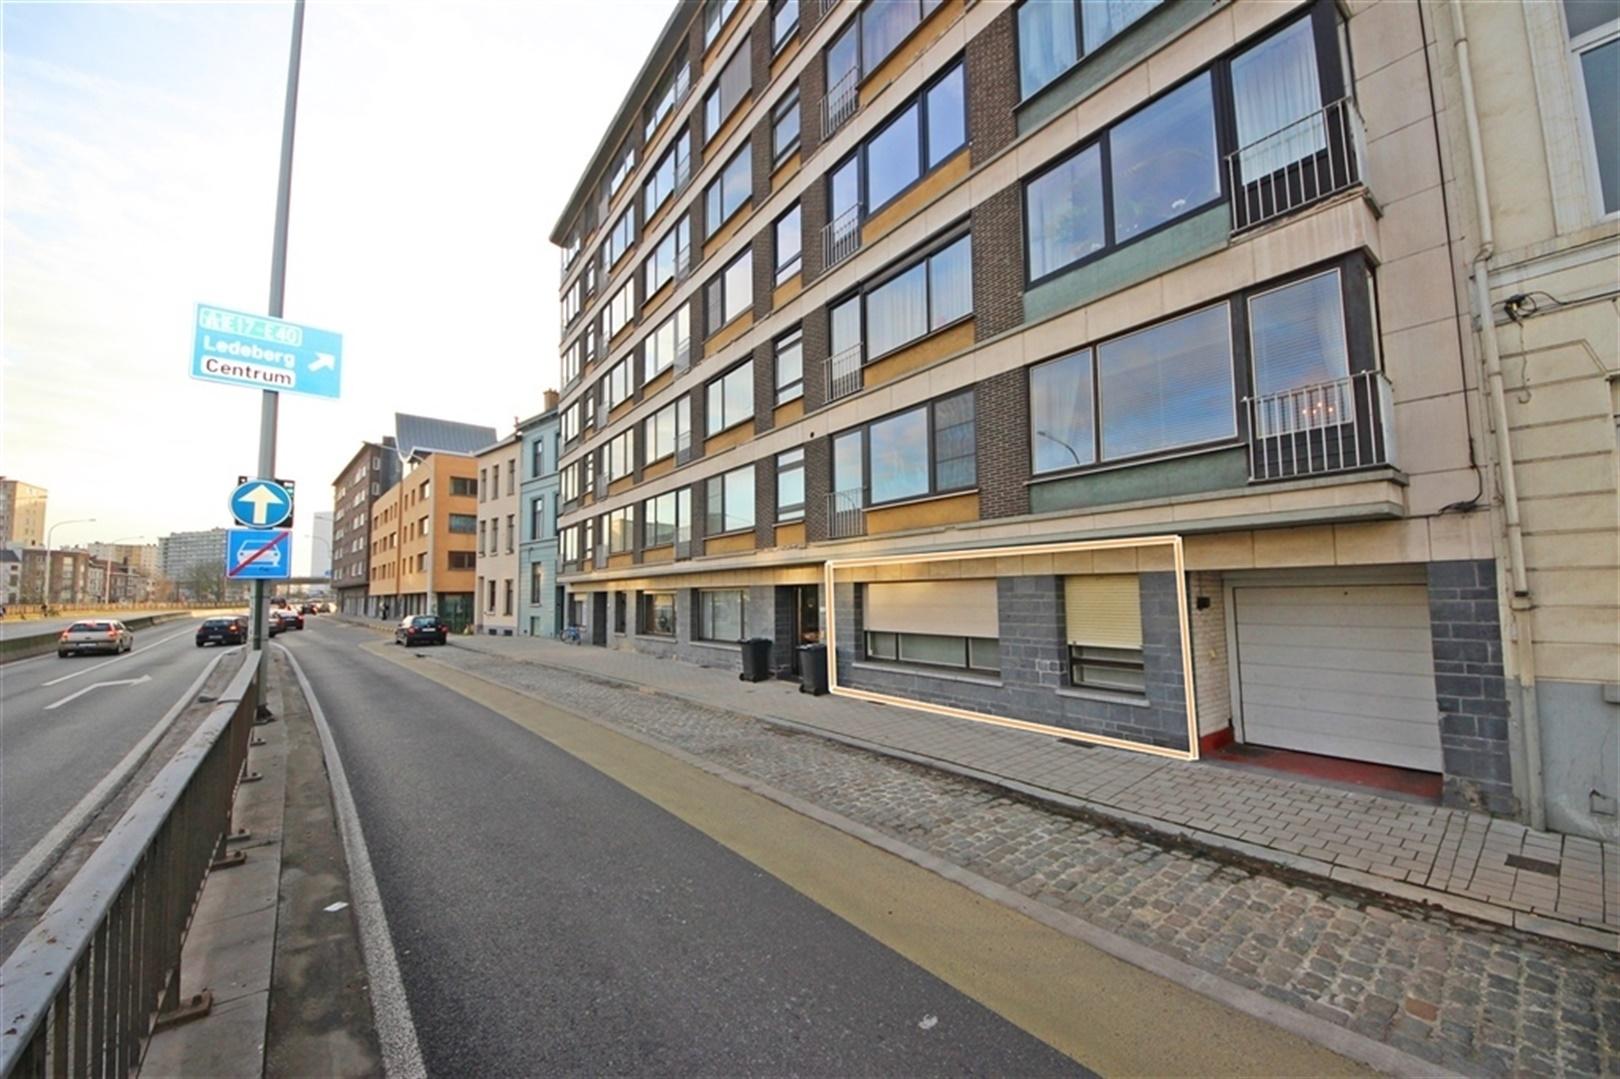 Bekijk VR Tour van Gelijkvloers appartement met 3 slaapkamers en koer in Gent centrum